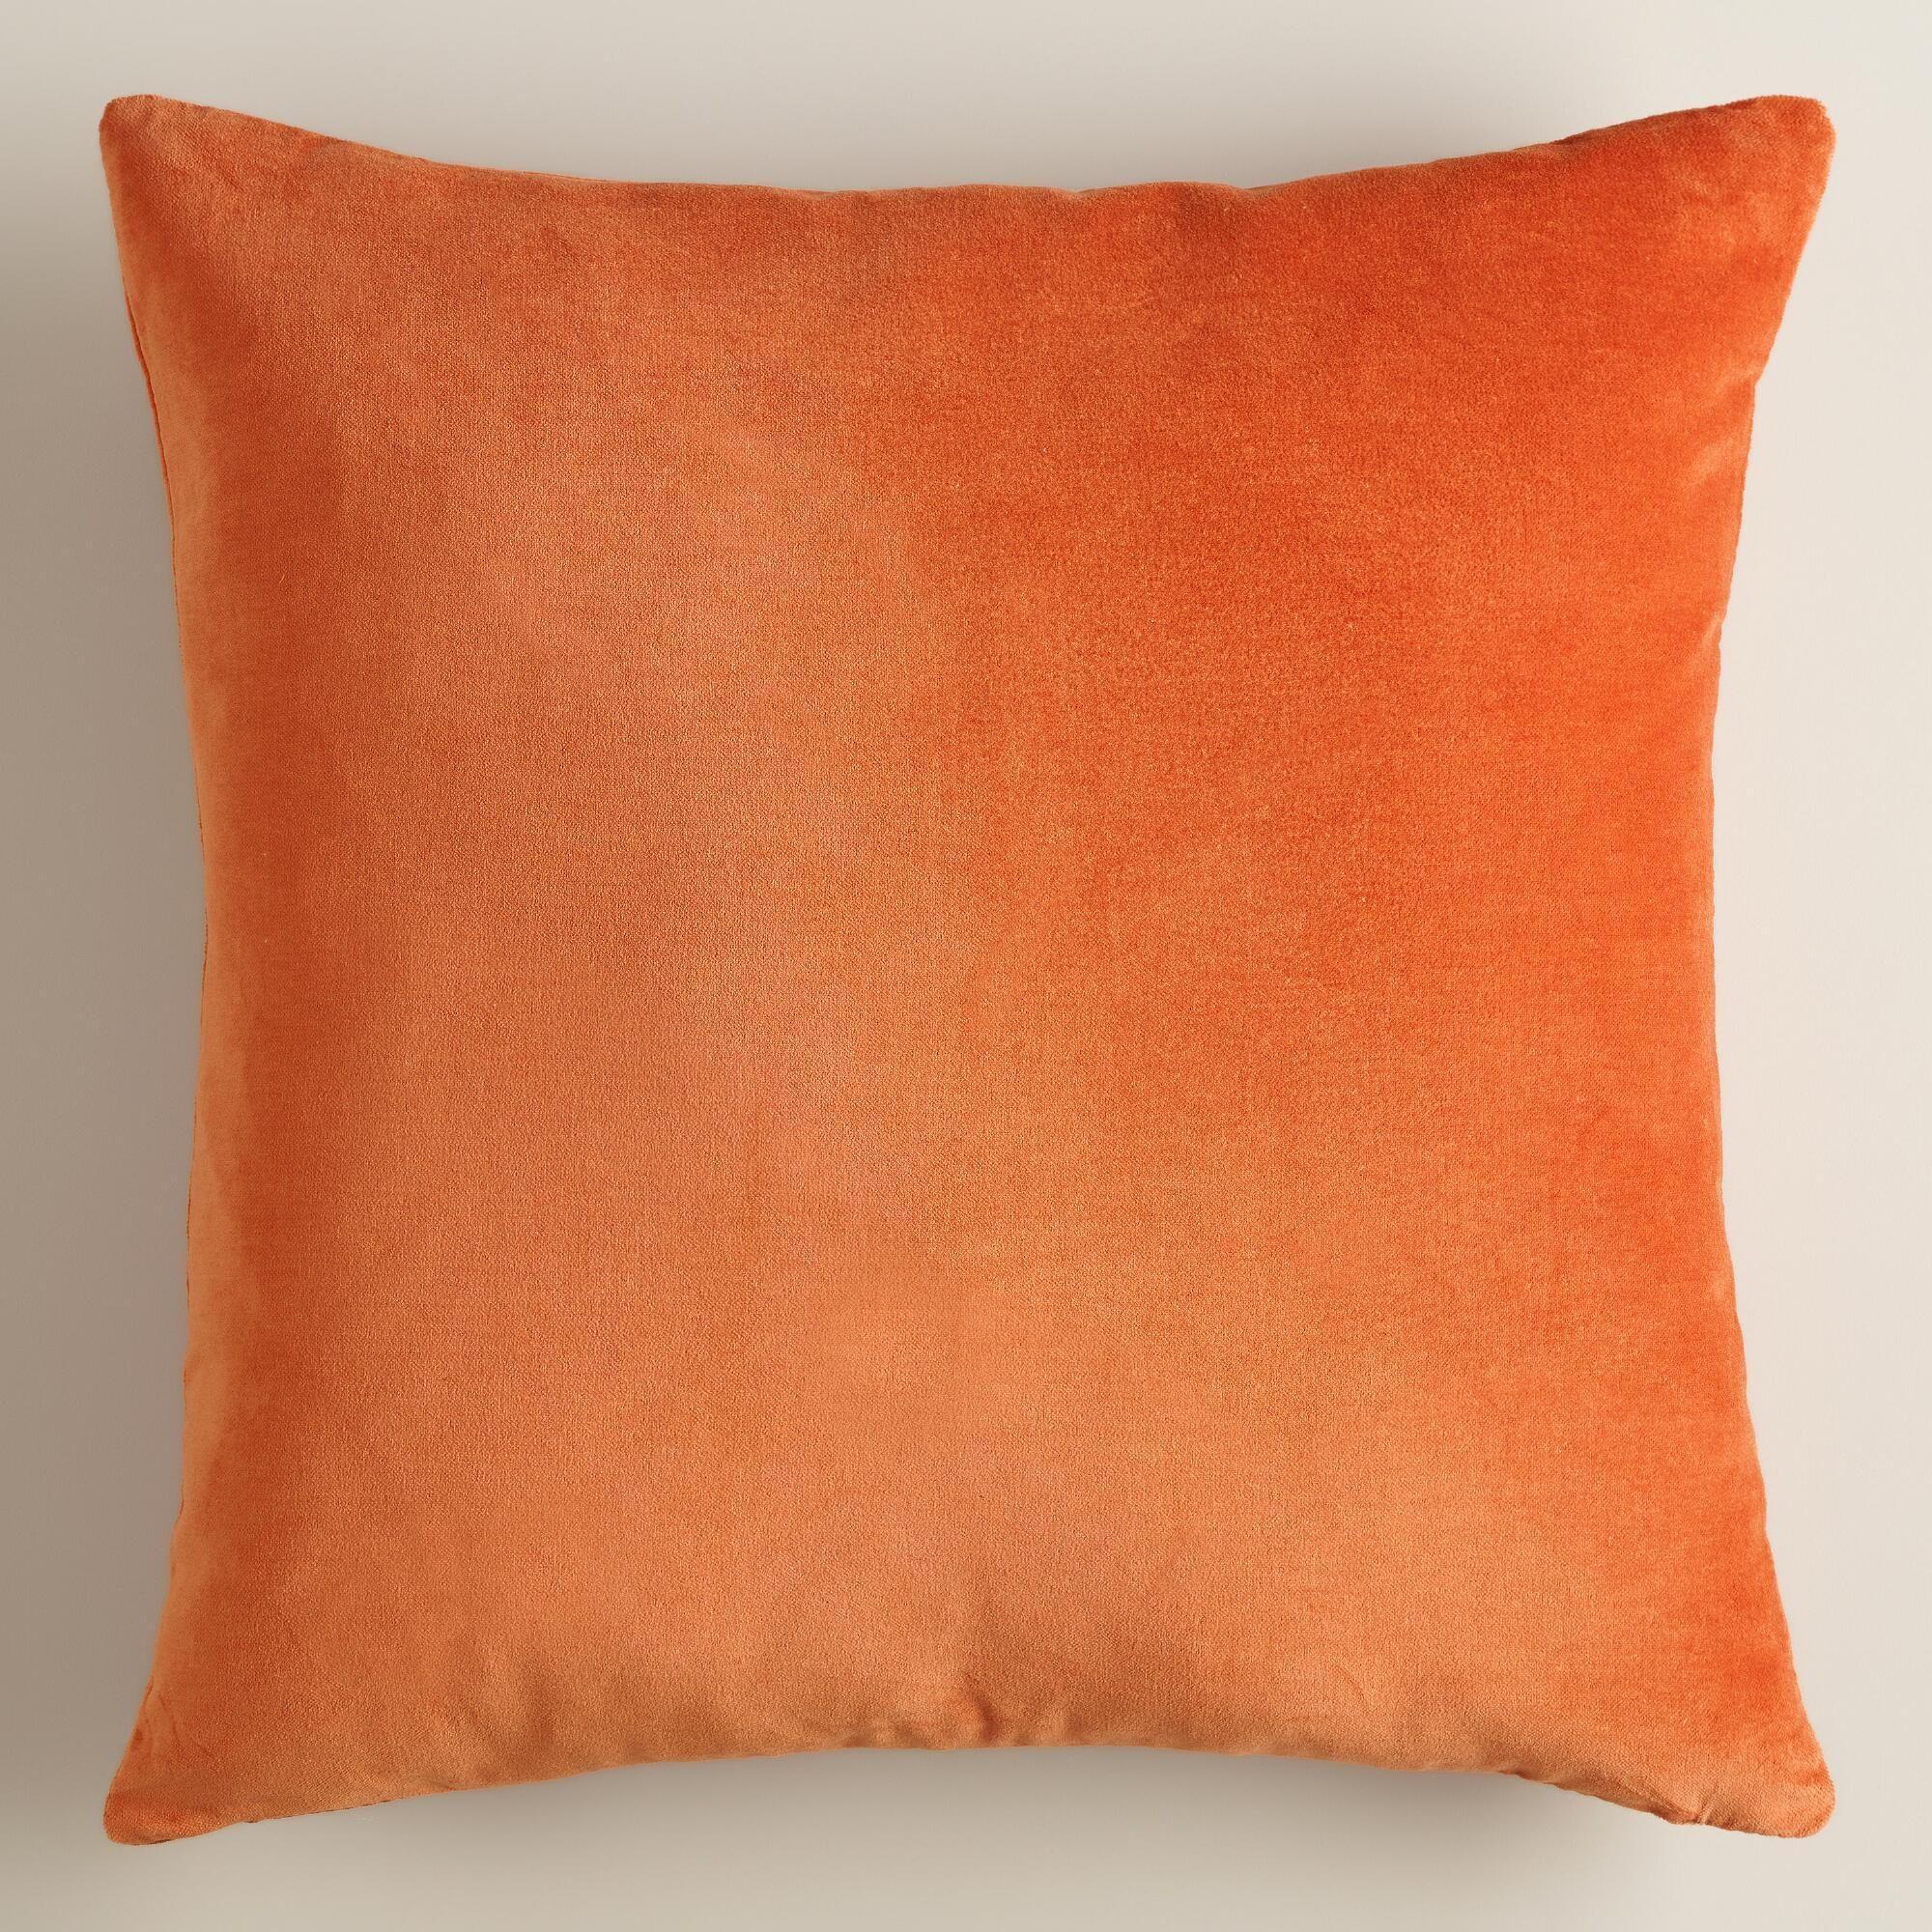 """$19.1919 - $219.1919 19""""x19"""" / 19""""x19"""" Burnt Orange Velvet Throw Pillow ..."""